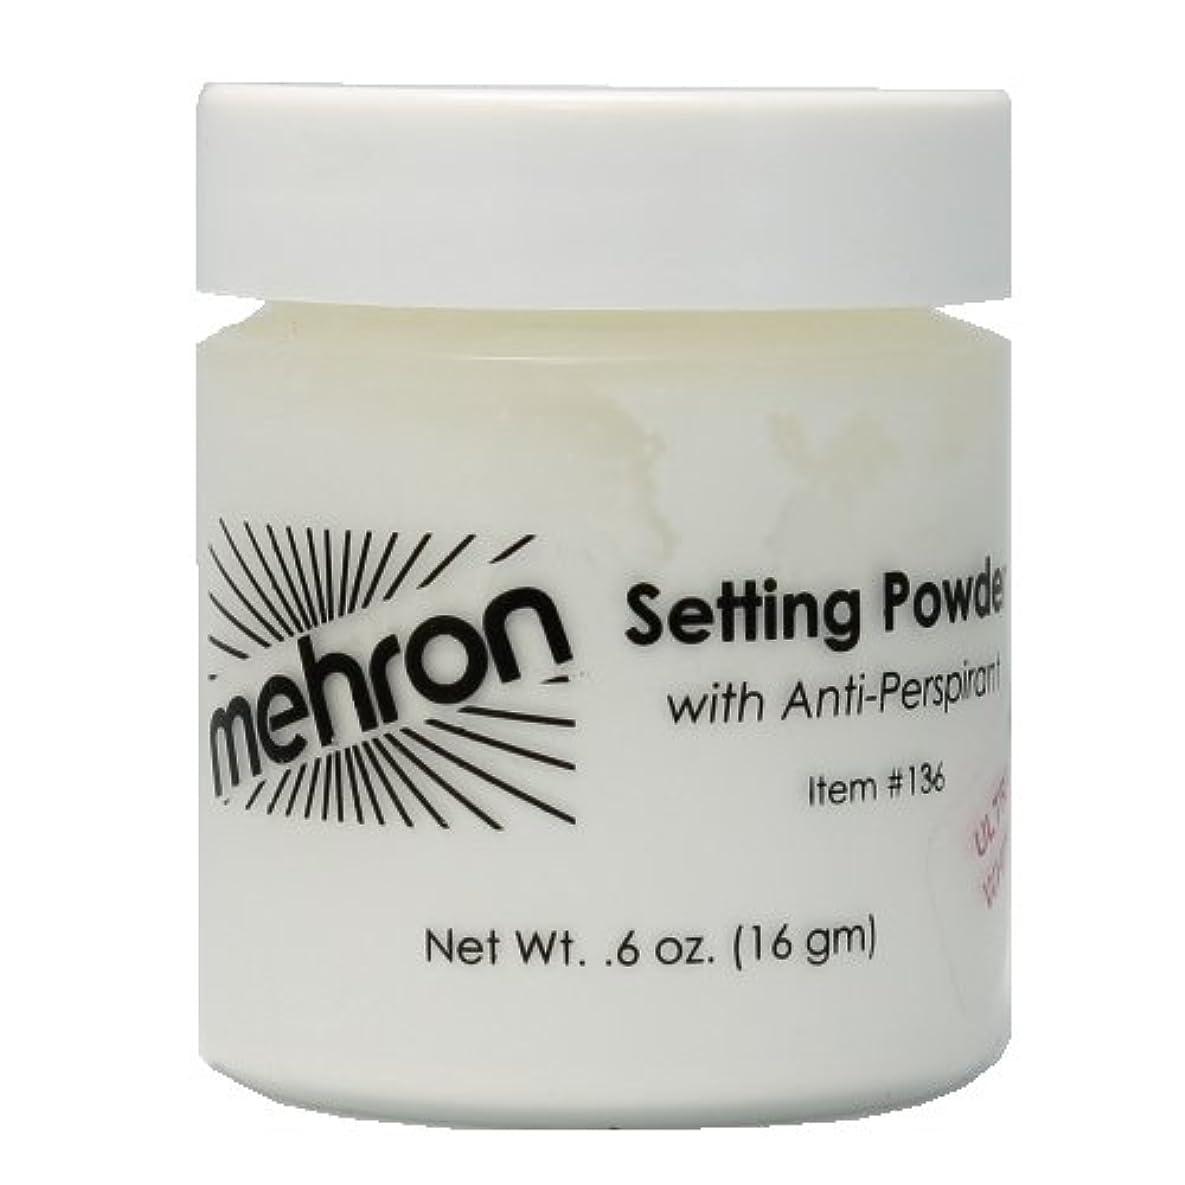 クランシー絶対にロープ(3 Pack) mehron UltraFine Setting Powder with Anti-Perspriant - Ultra White (並行輸入品)